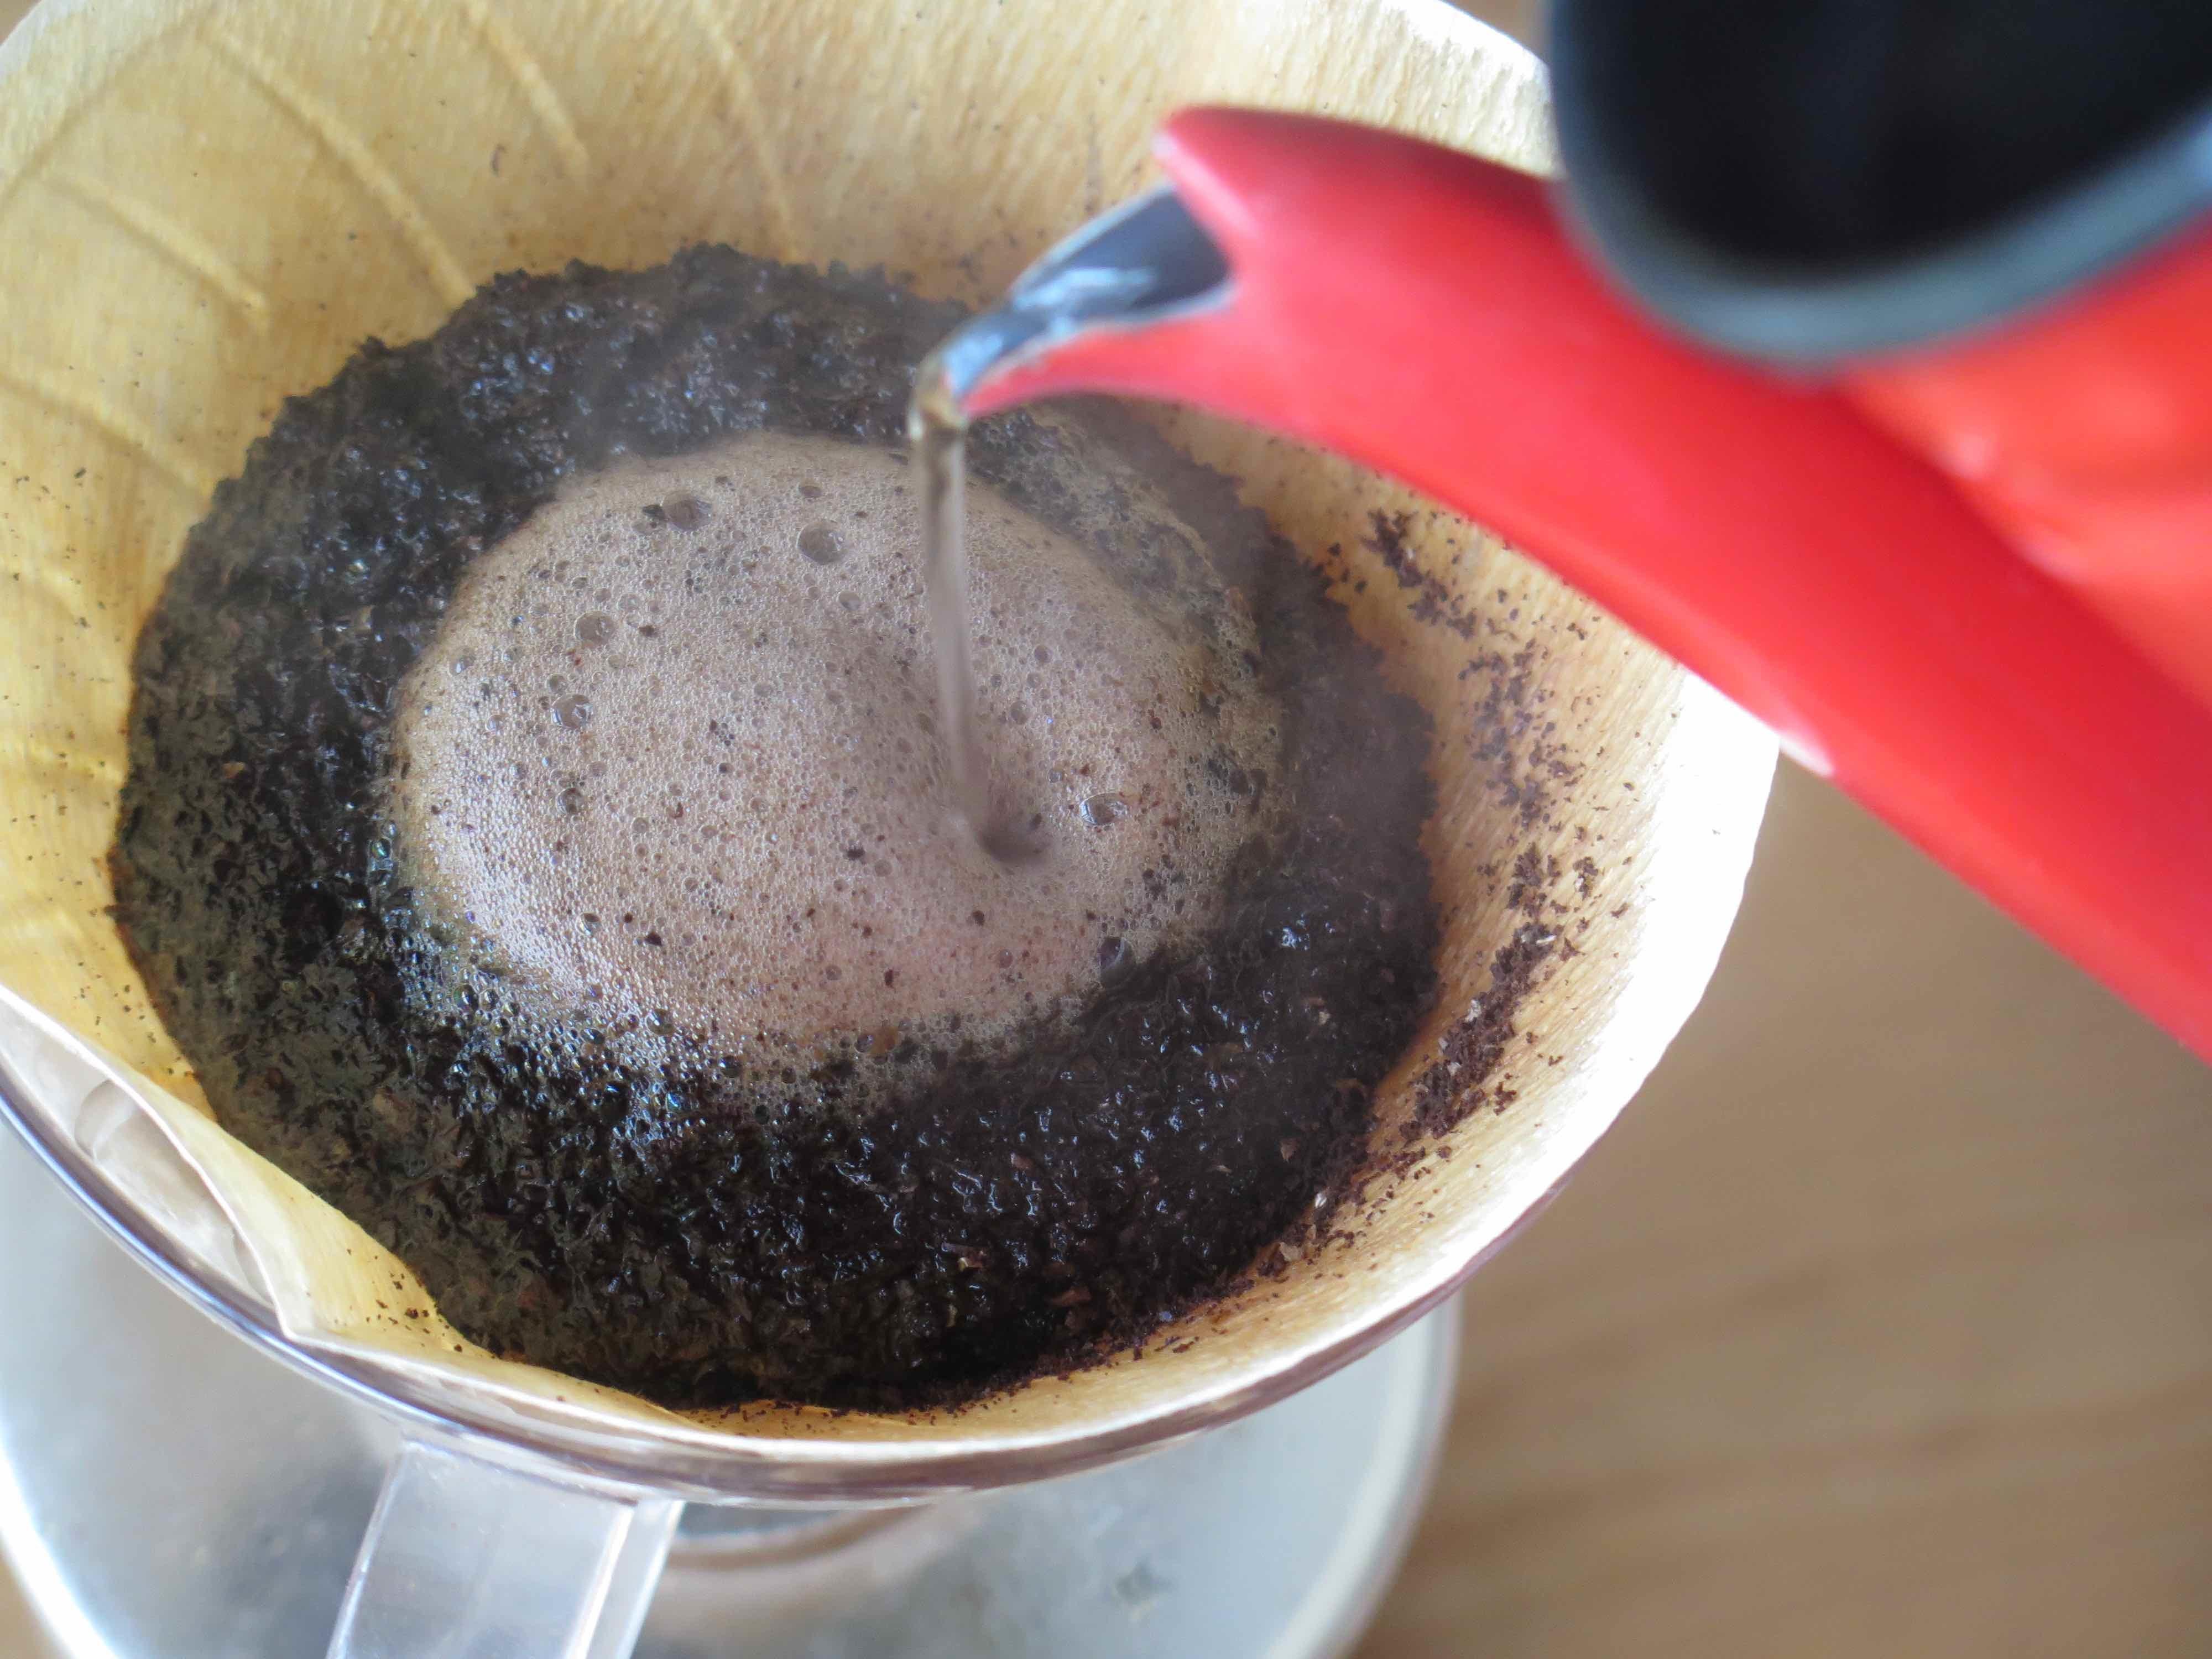 土鍋焙煎デカフェ カフェインレスコーヒー豆  200g - 画像3